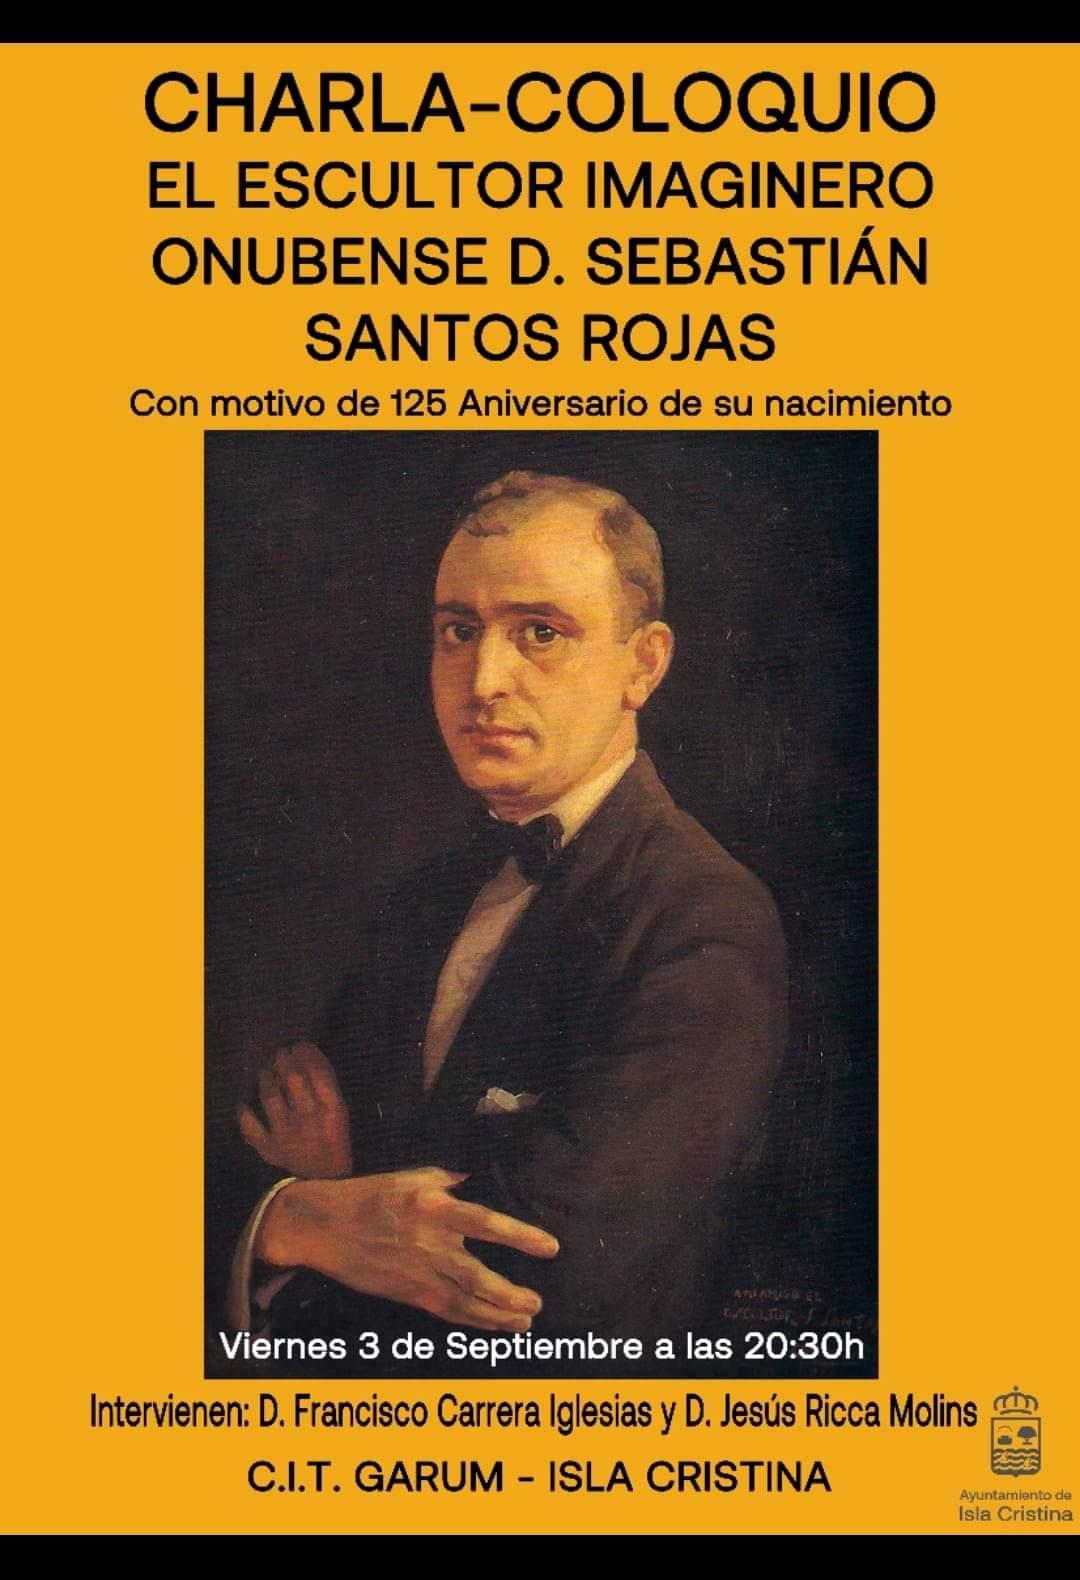 """Charla – Coloquio """"El Escultor Imaginero Onubense D. Sebastián Santos Rojas"""""""